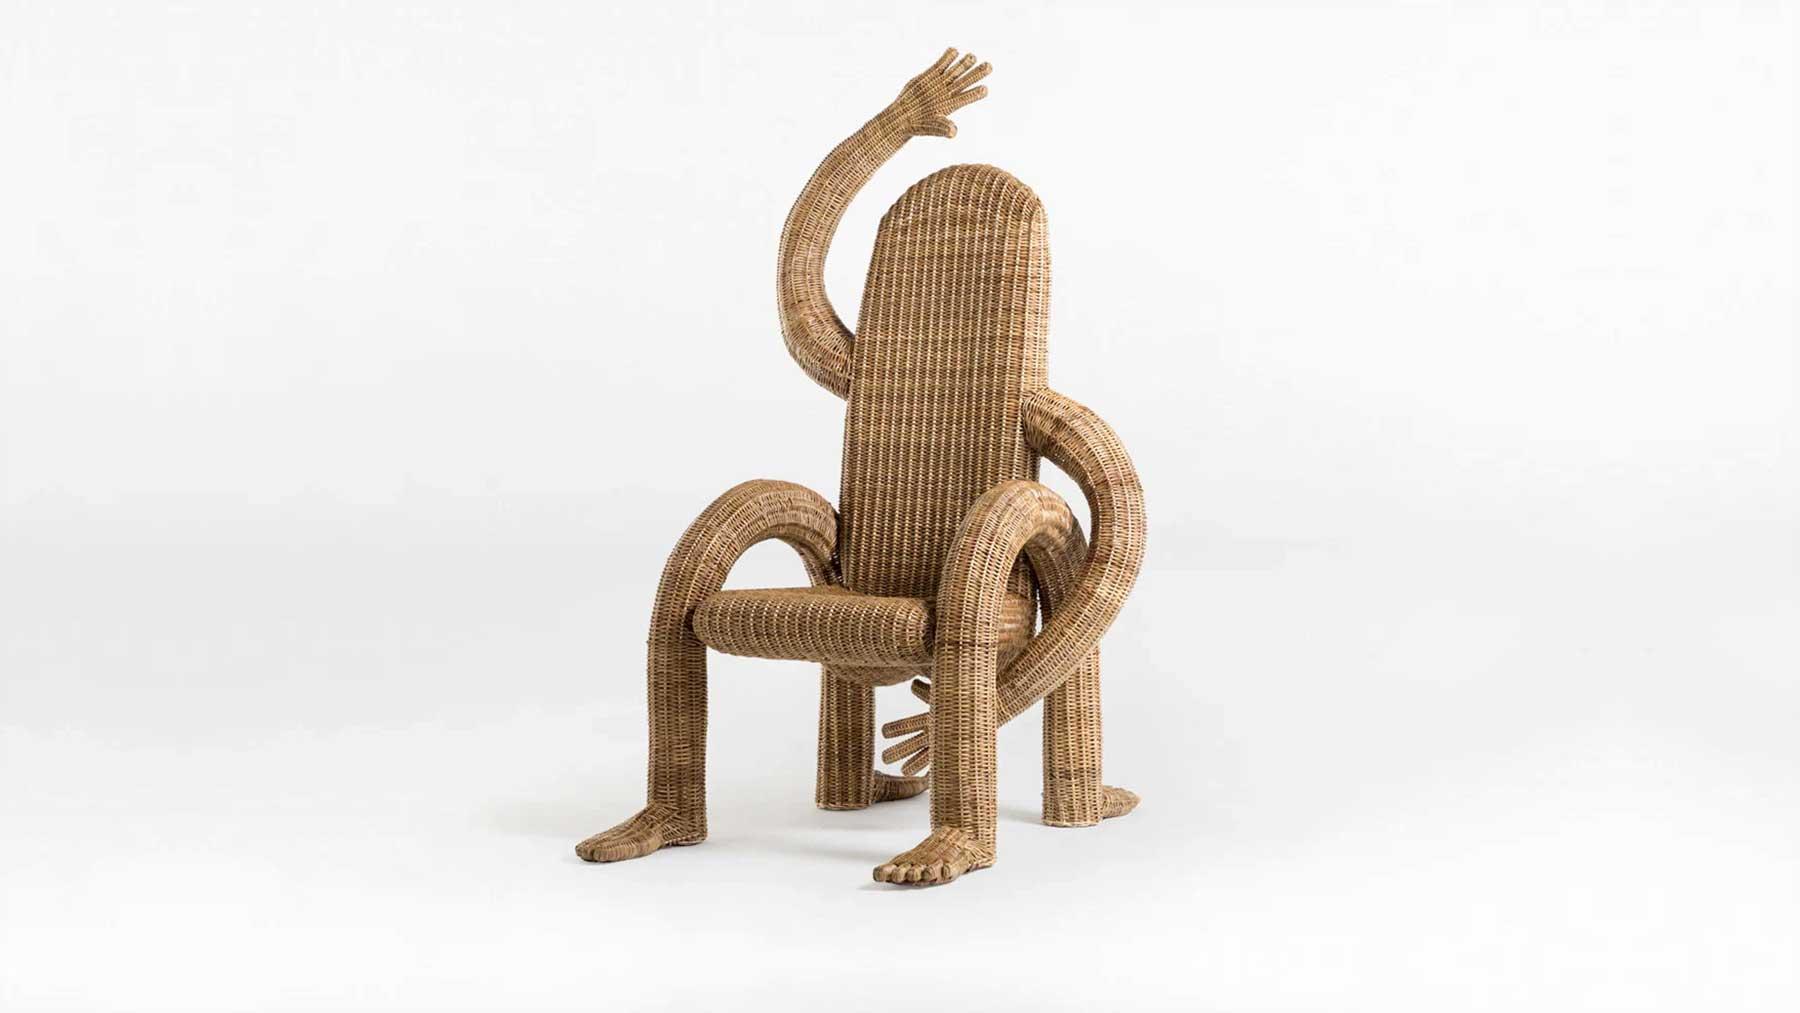 Stühle mit Armen und Beinen